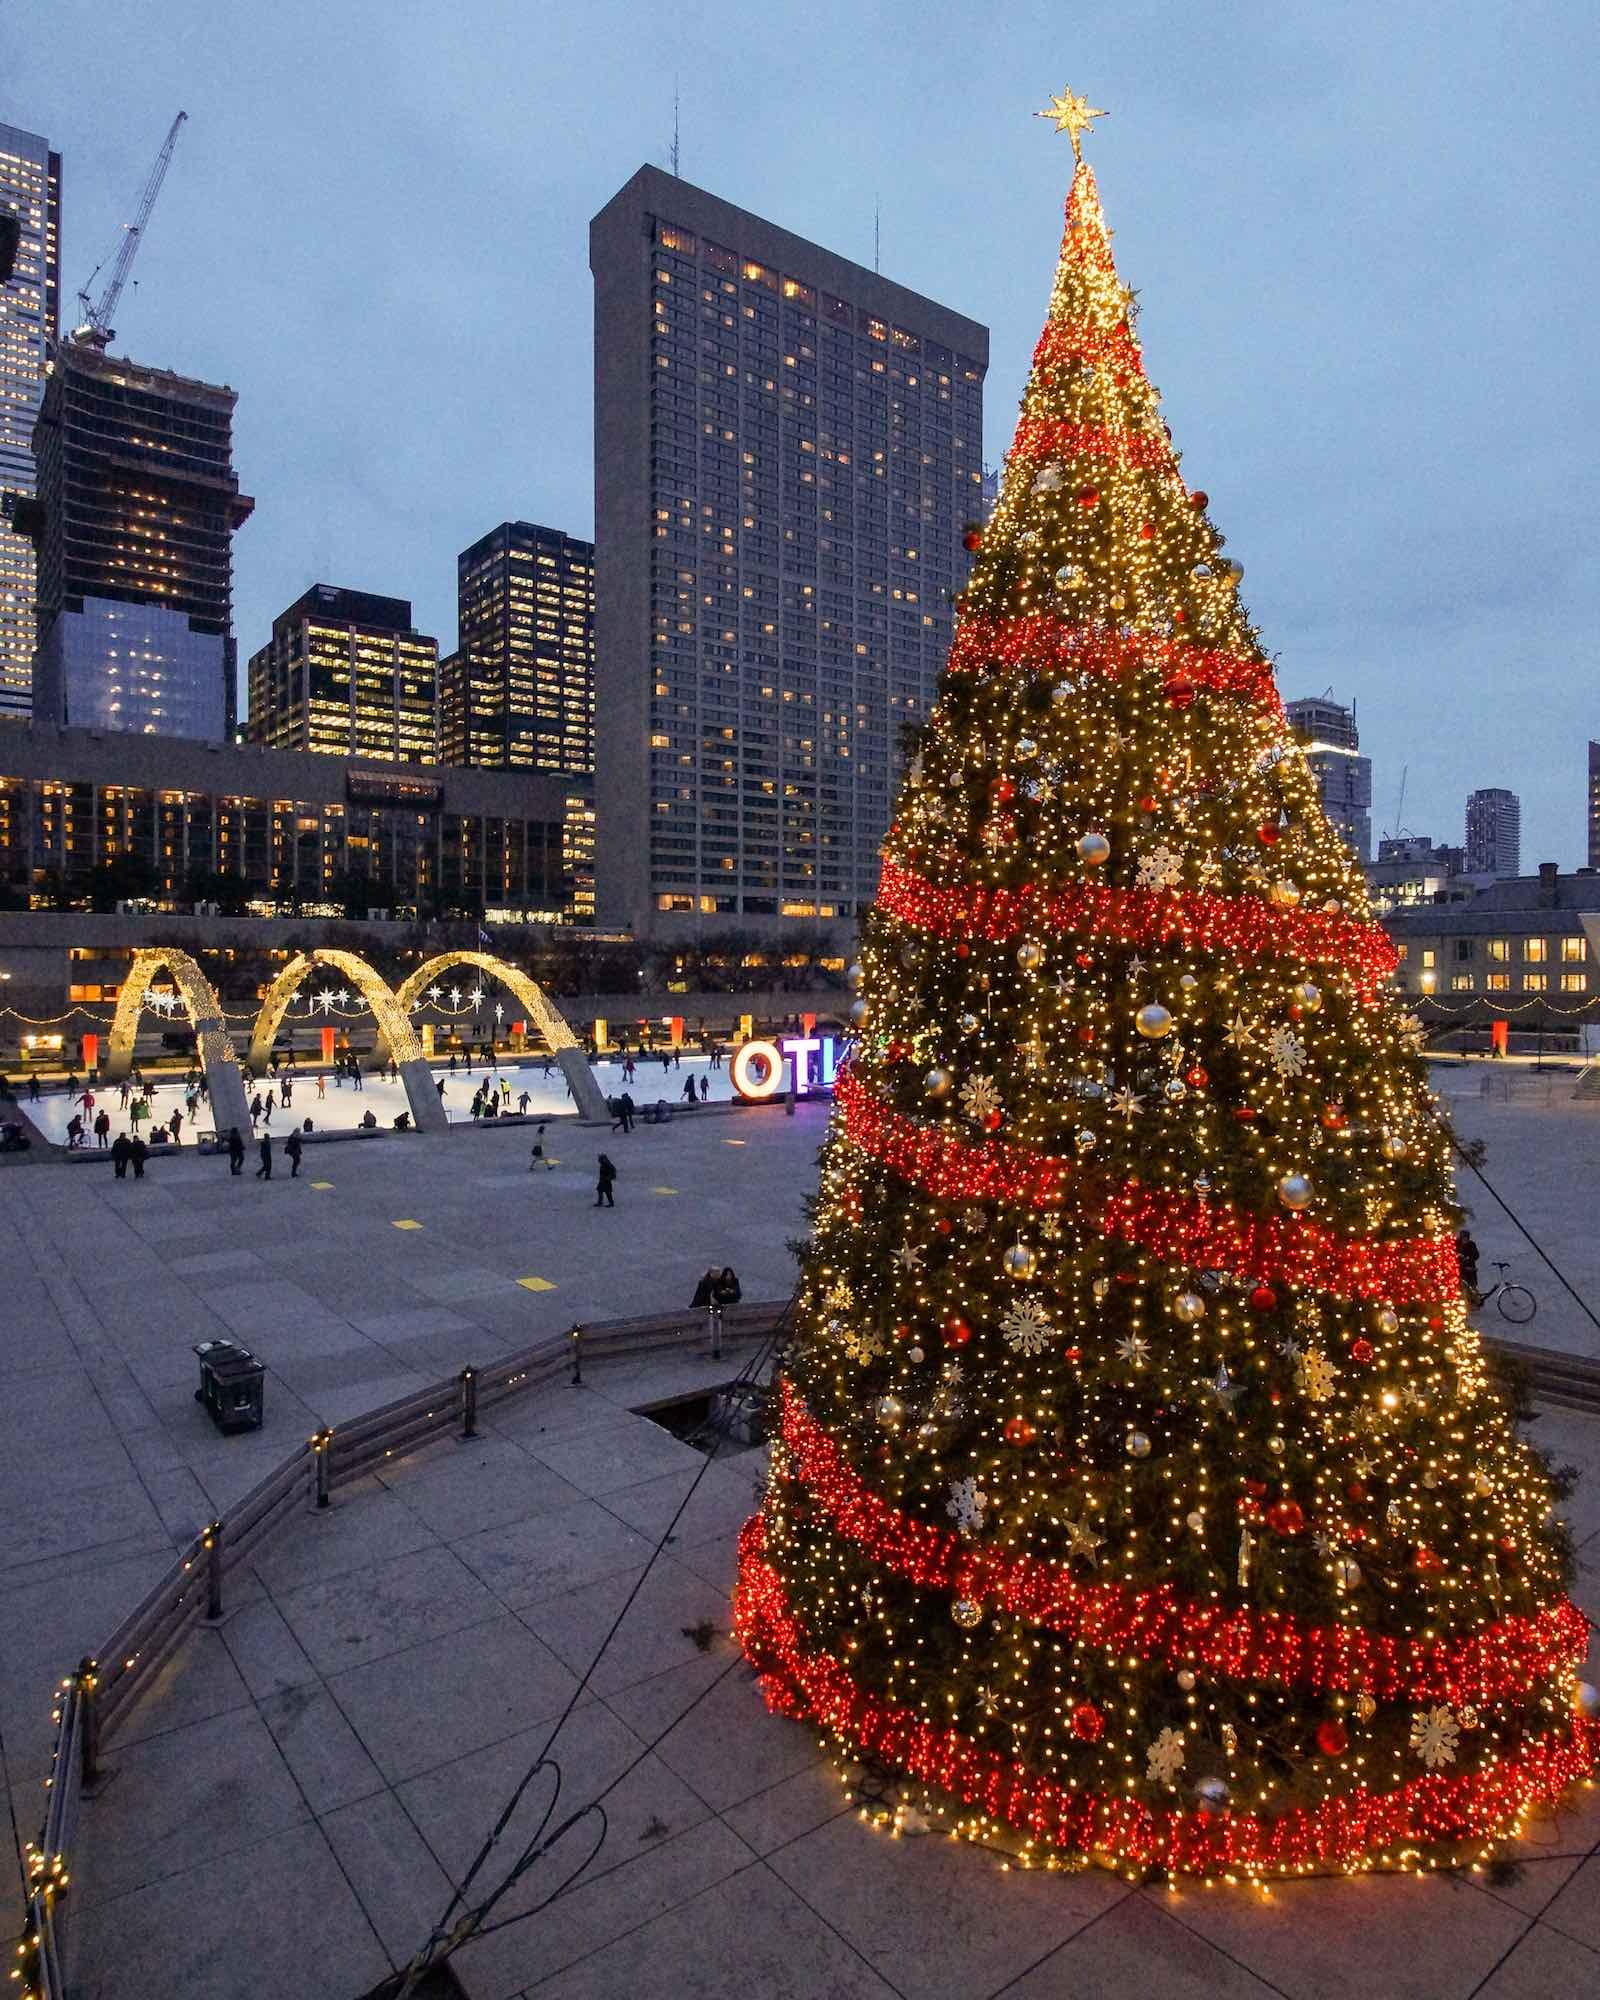 City Lights: My Toronto In Mid-December